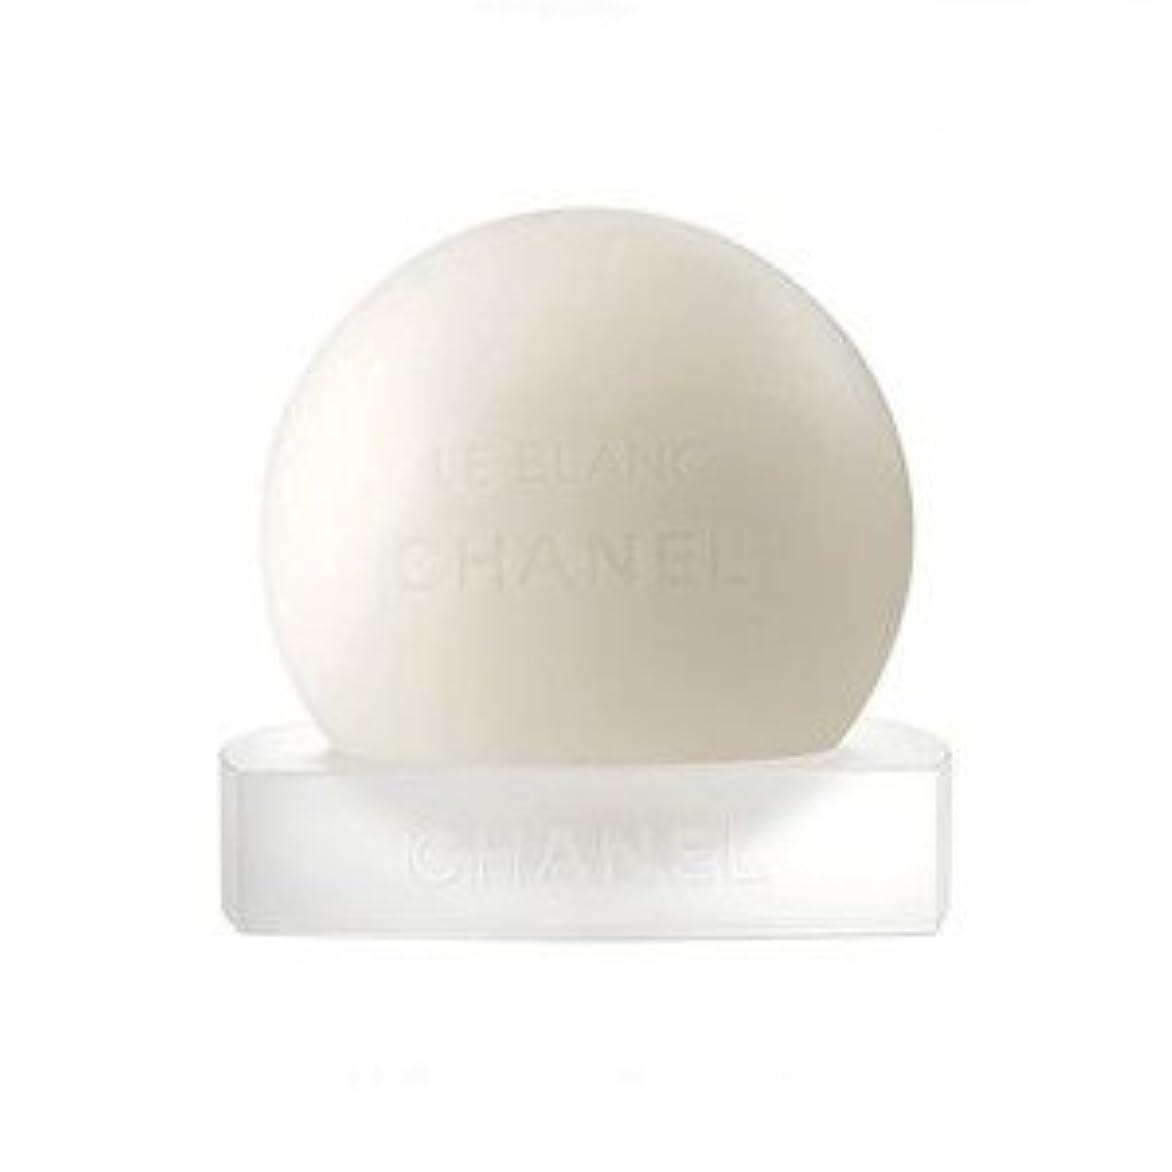 性別魅力的リスシャネル ル ブラン ソープ 100g 洗顔石けん 限定品 アウトレット